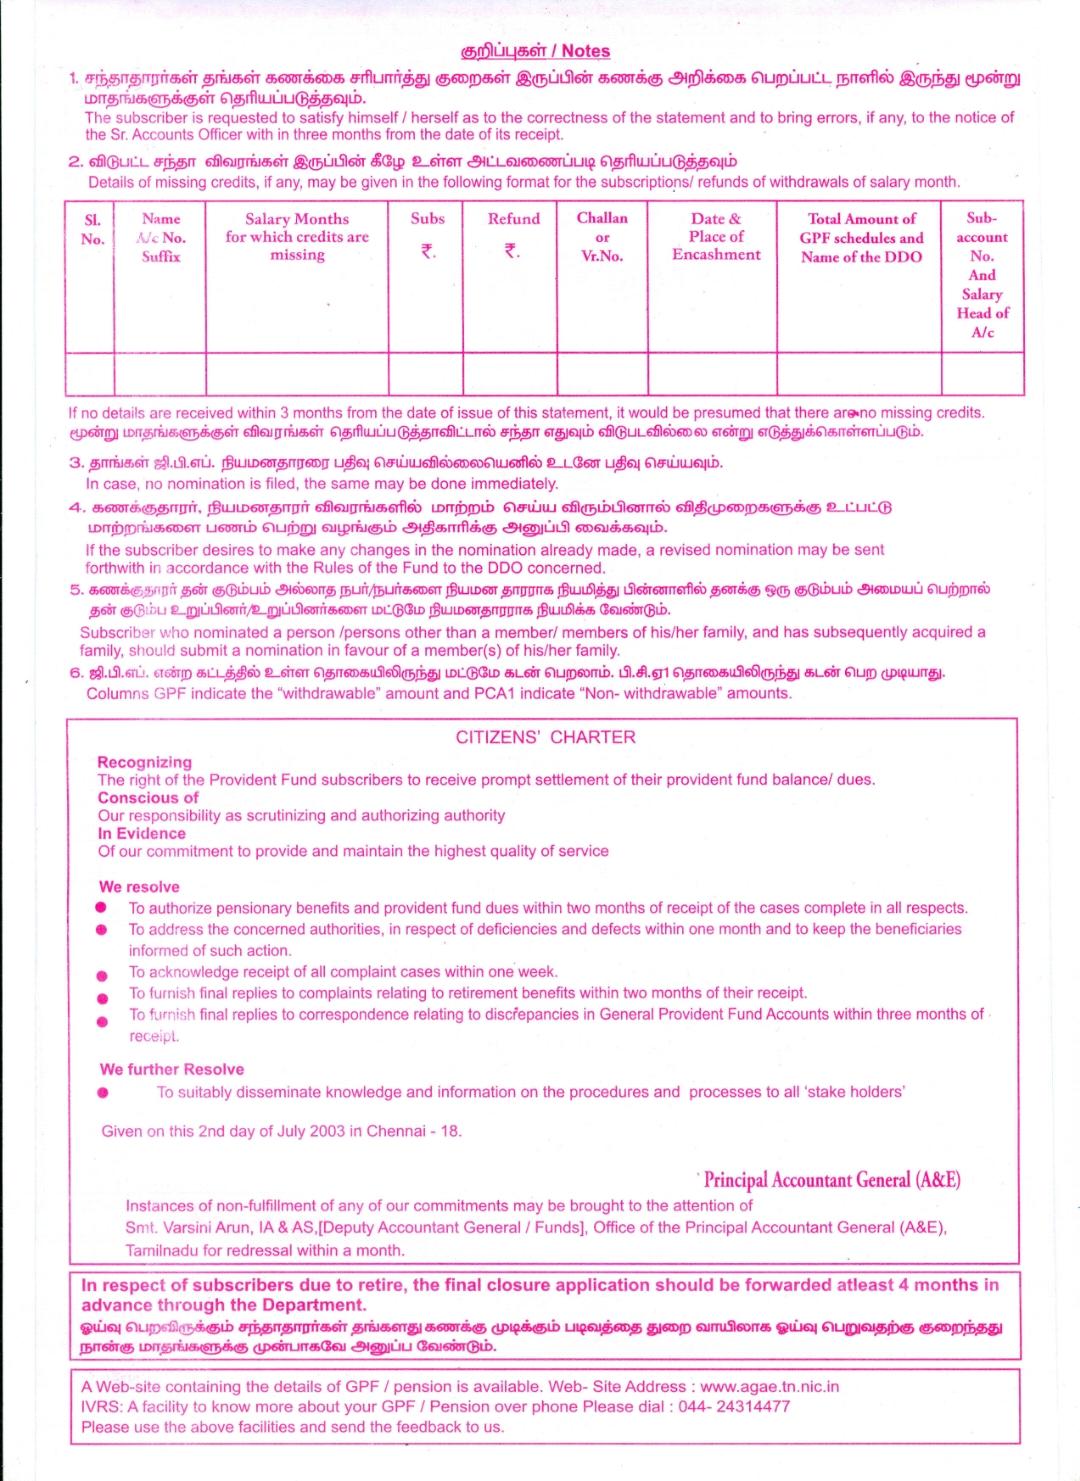 TAMILNADU TEACHER ASSOCIATION: உங்களுடைய TPF A/C SLIP